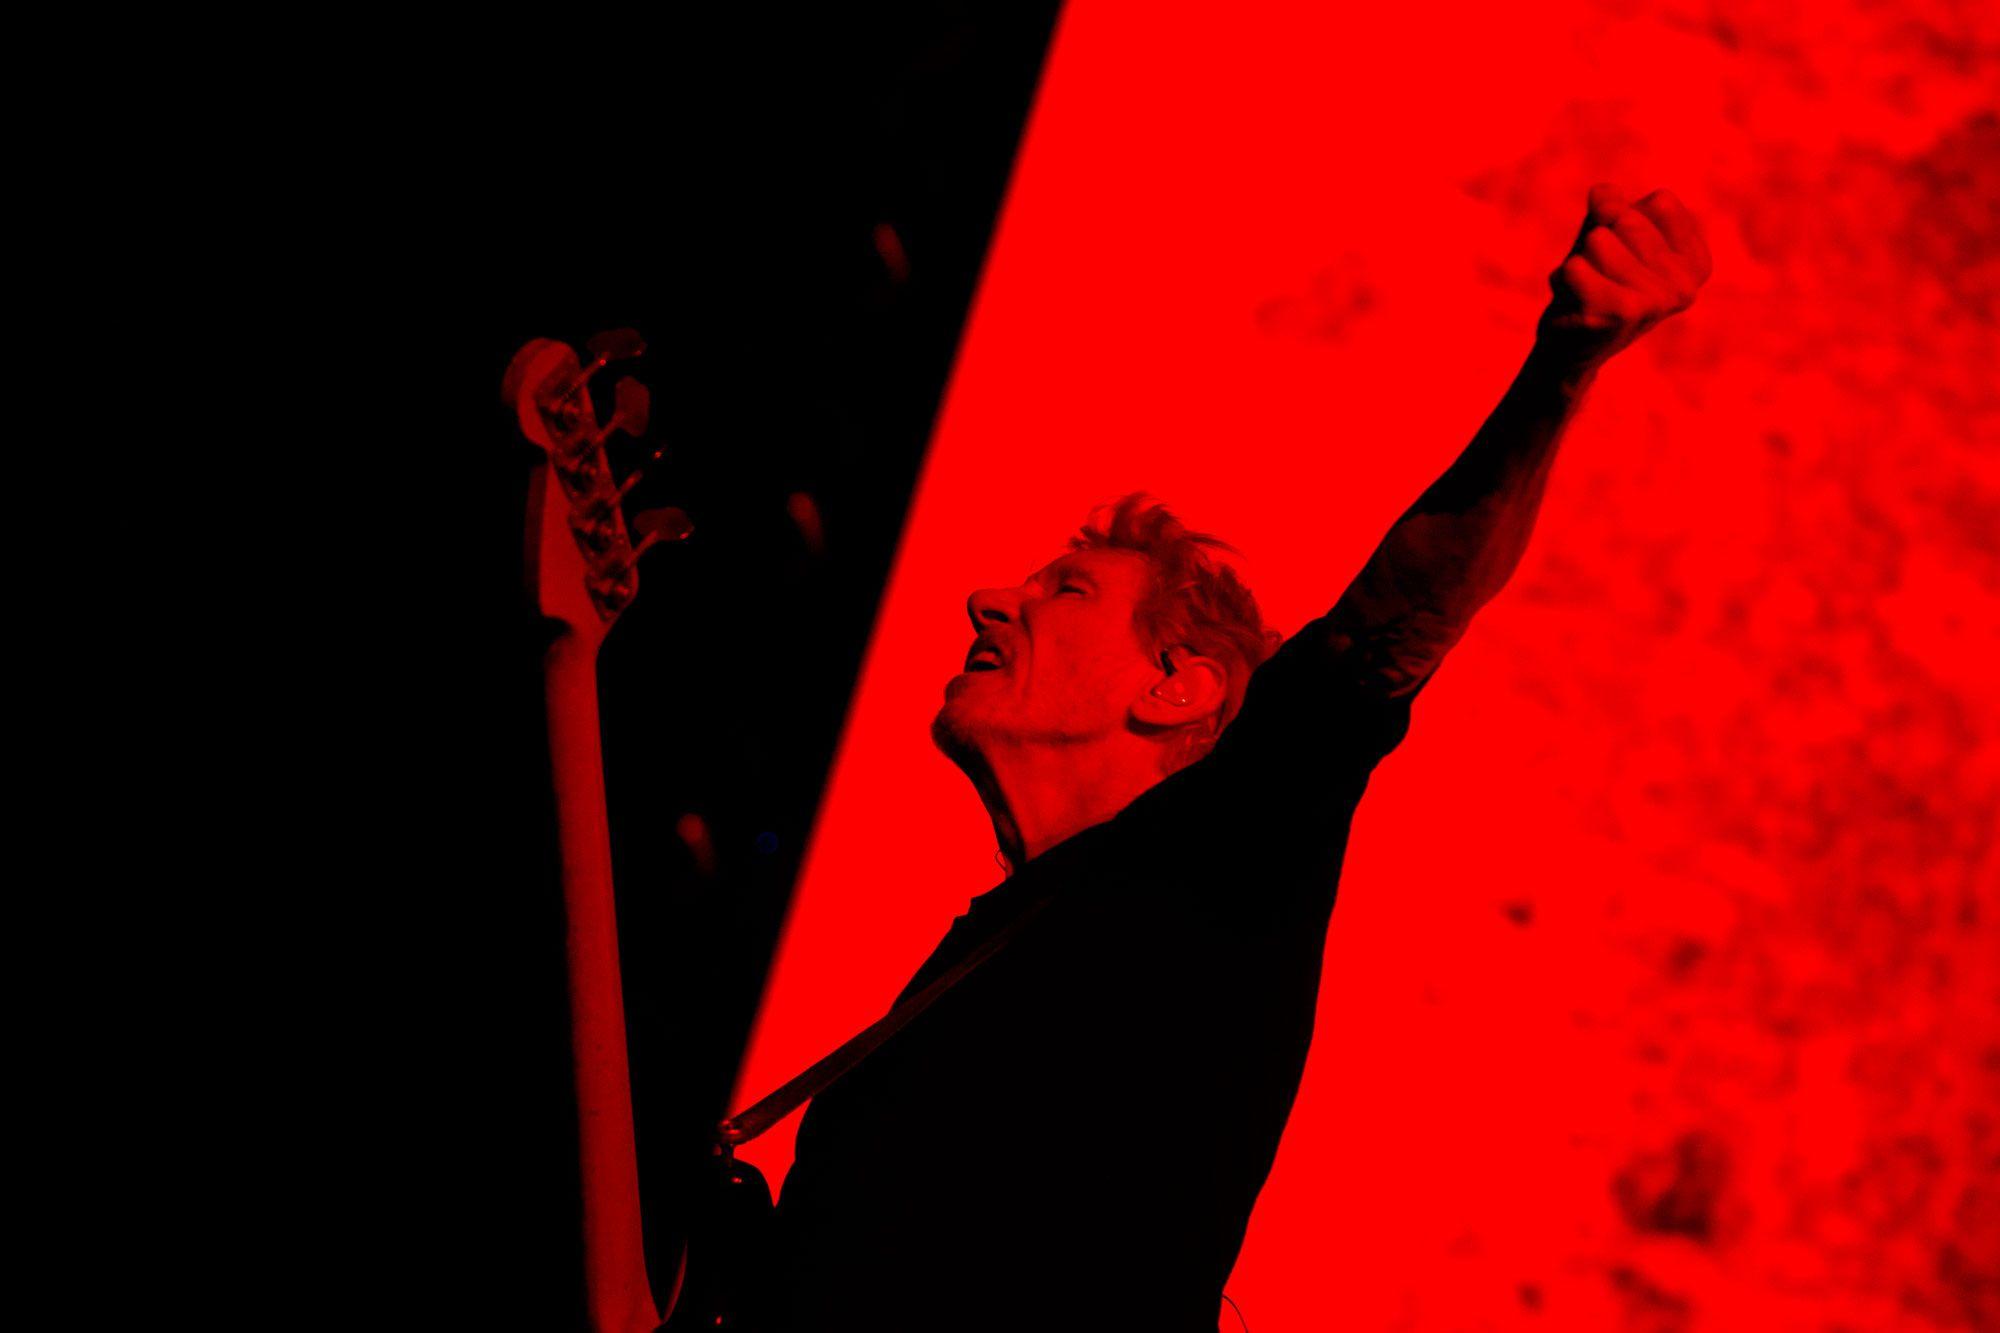 El show de Roger Waters en el Estadio único de La Plata